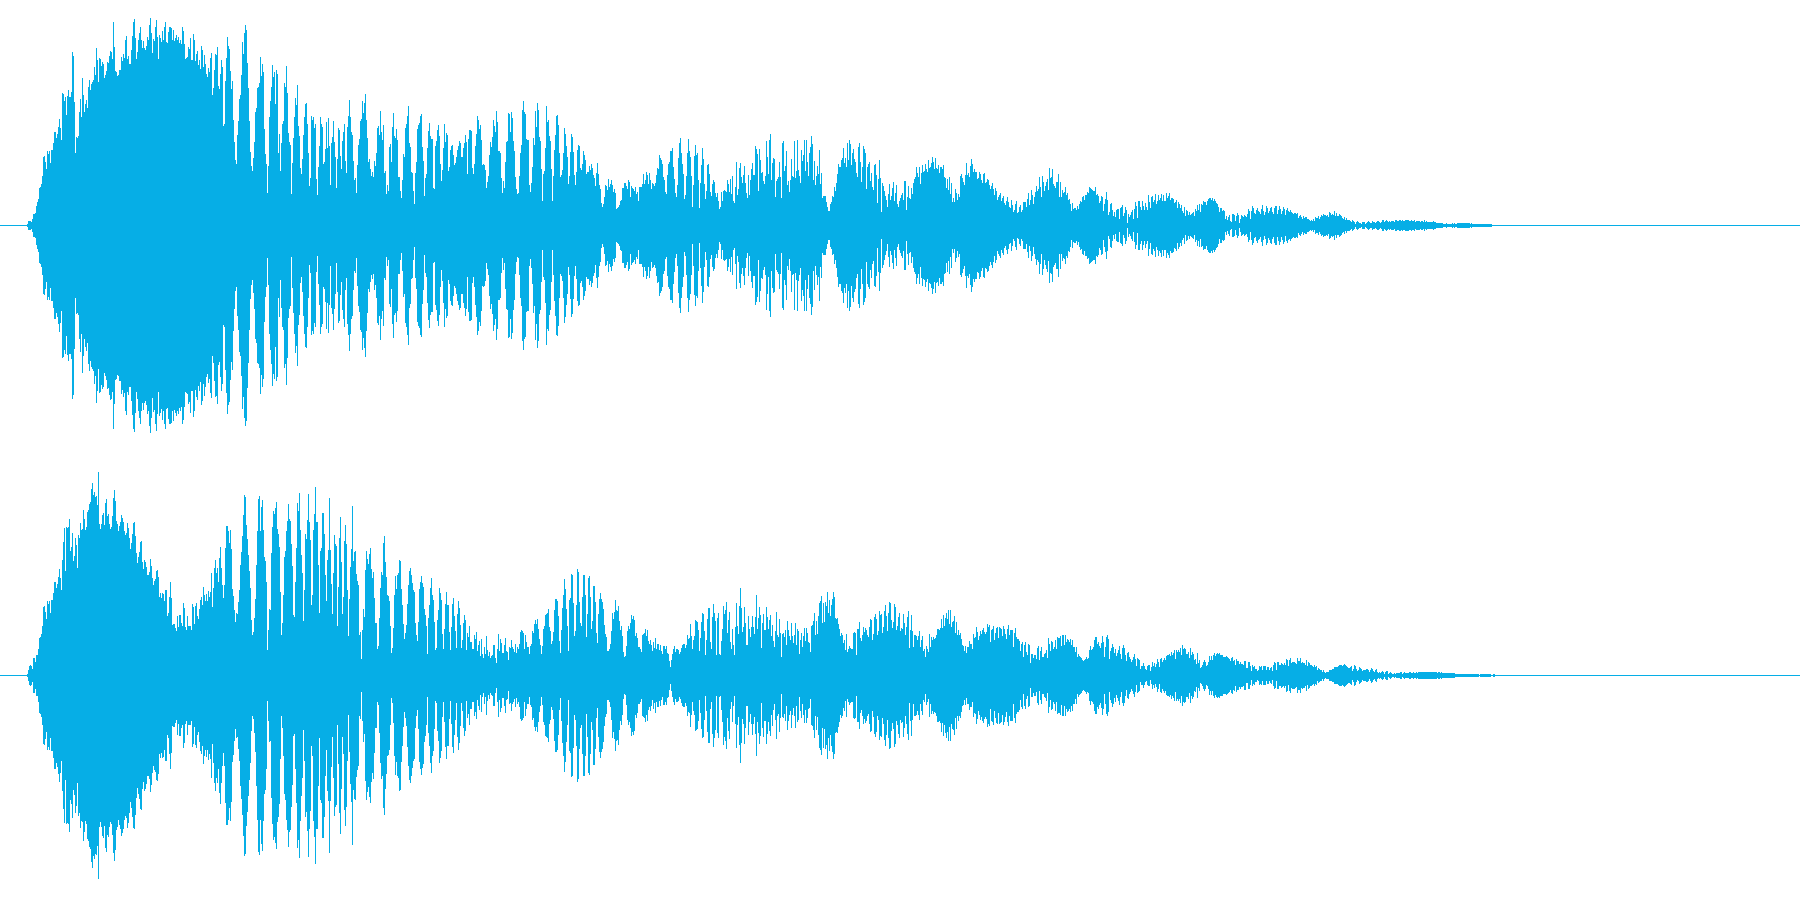 ピリピョ〜ン、ピョ〜ン(コミカル効果音)の再生済みの波形